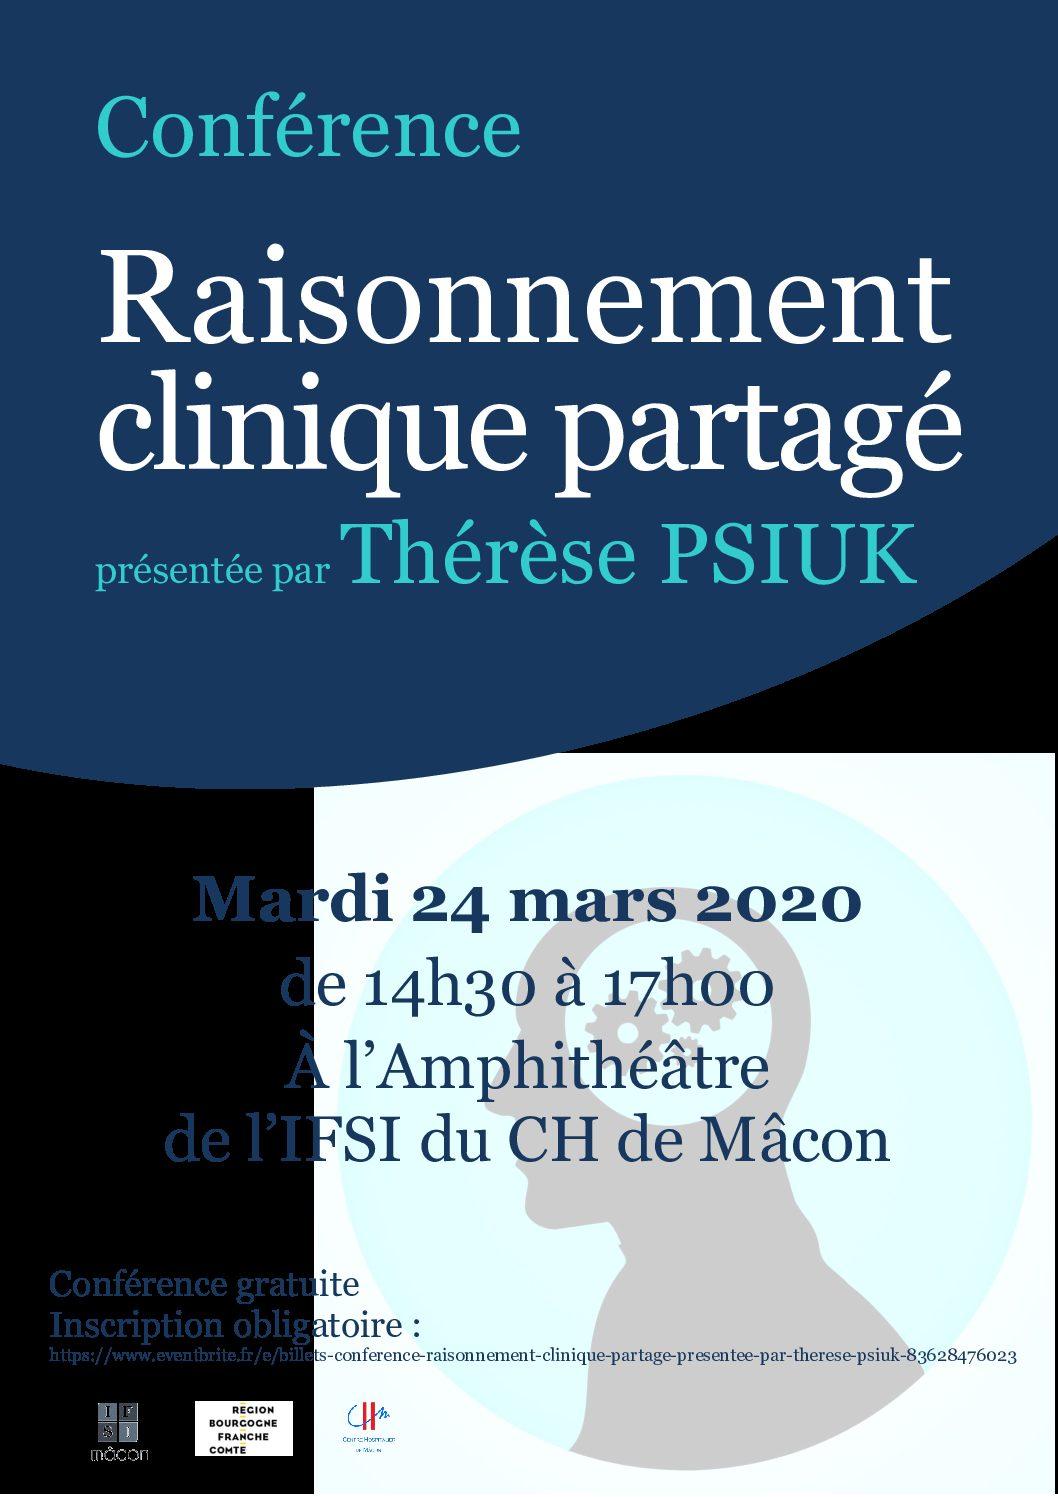 24 MARS 2020 : CONFÉRENCE SUR LE RAISONNEMENT CLINIQUE PARTAGE Par Thérèse PSIUK